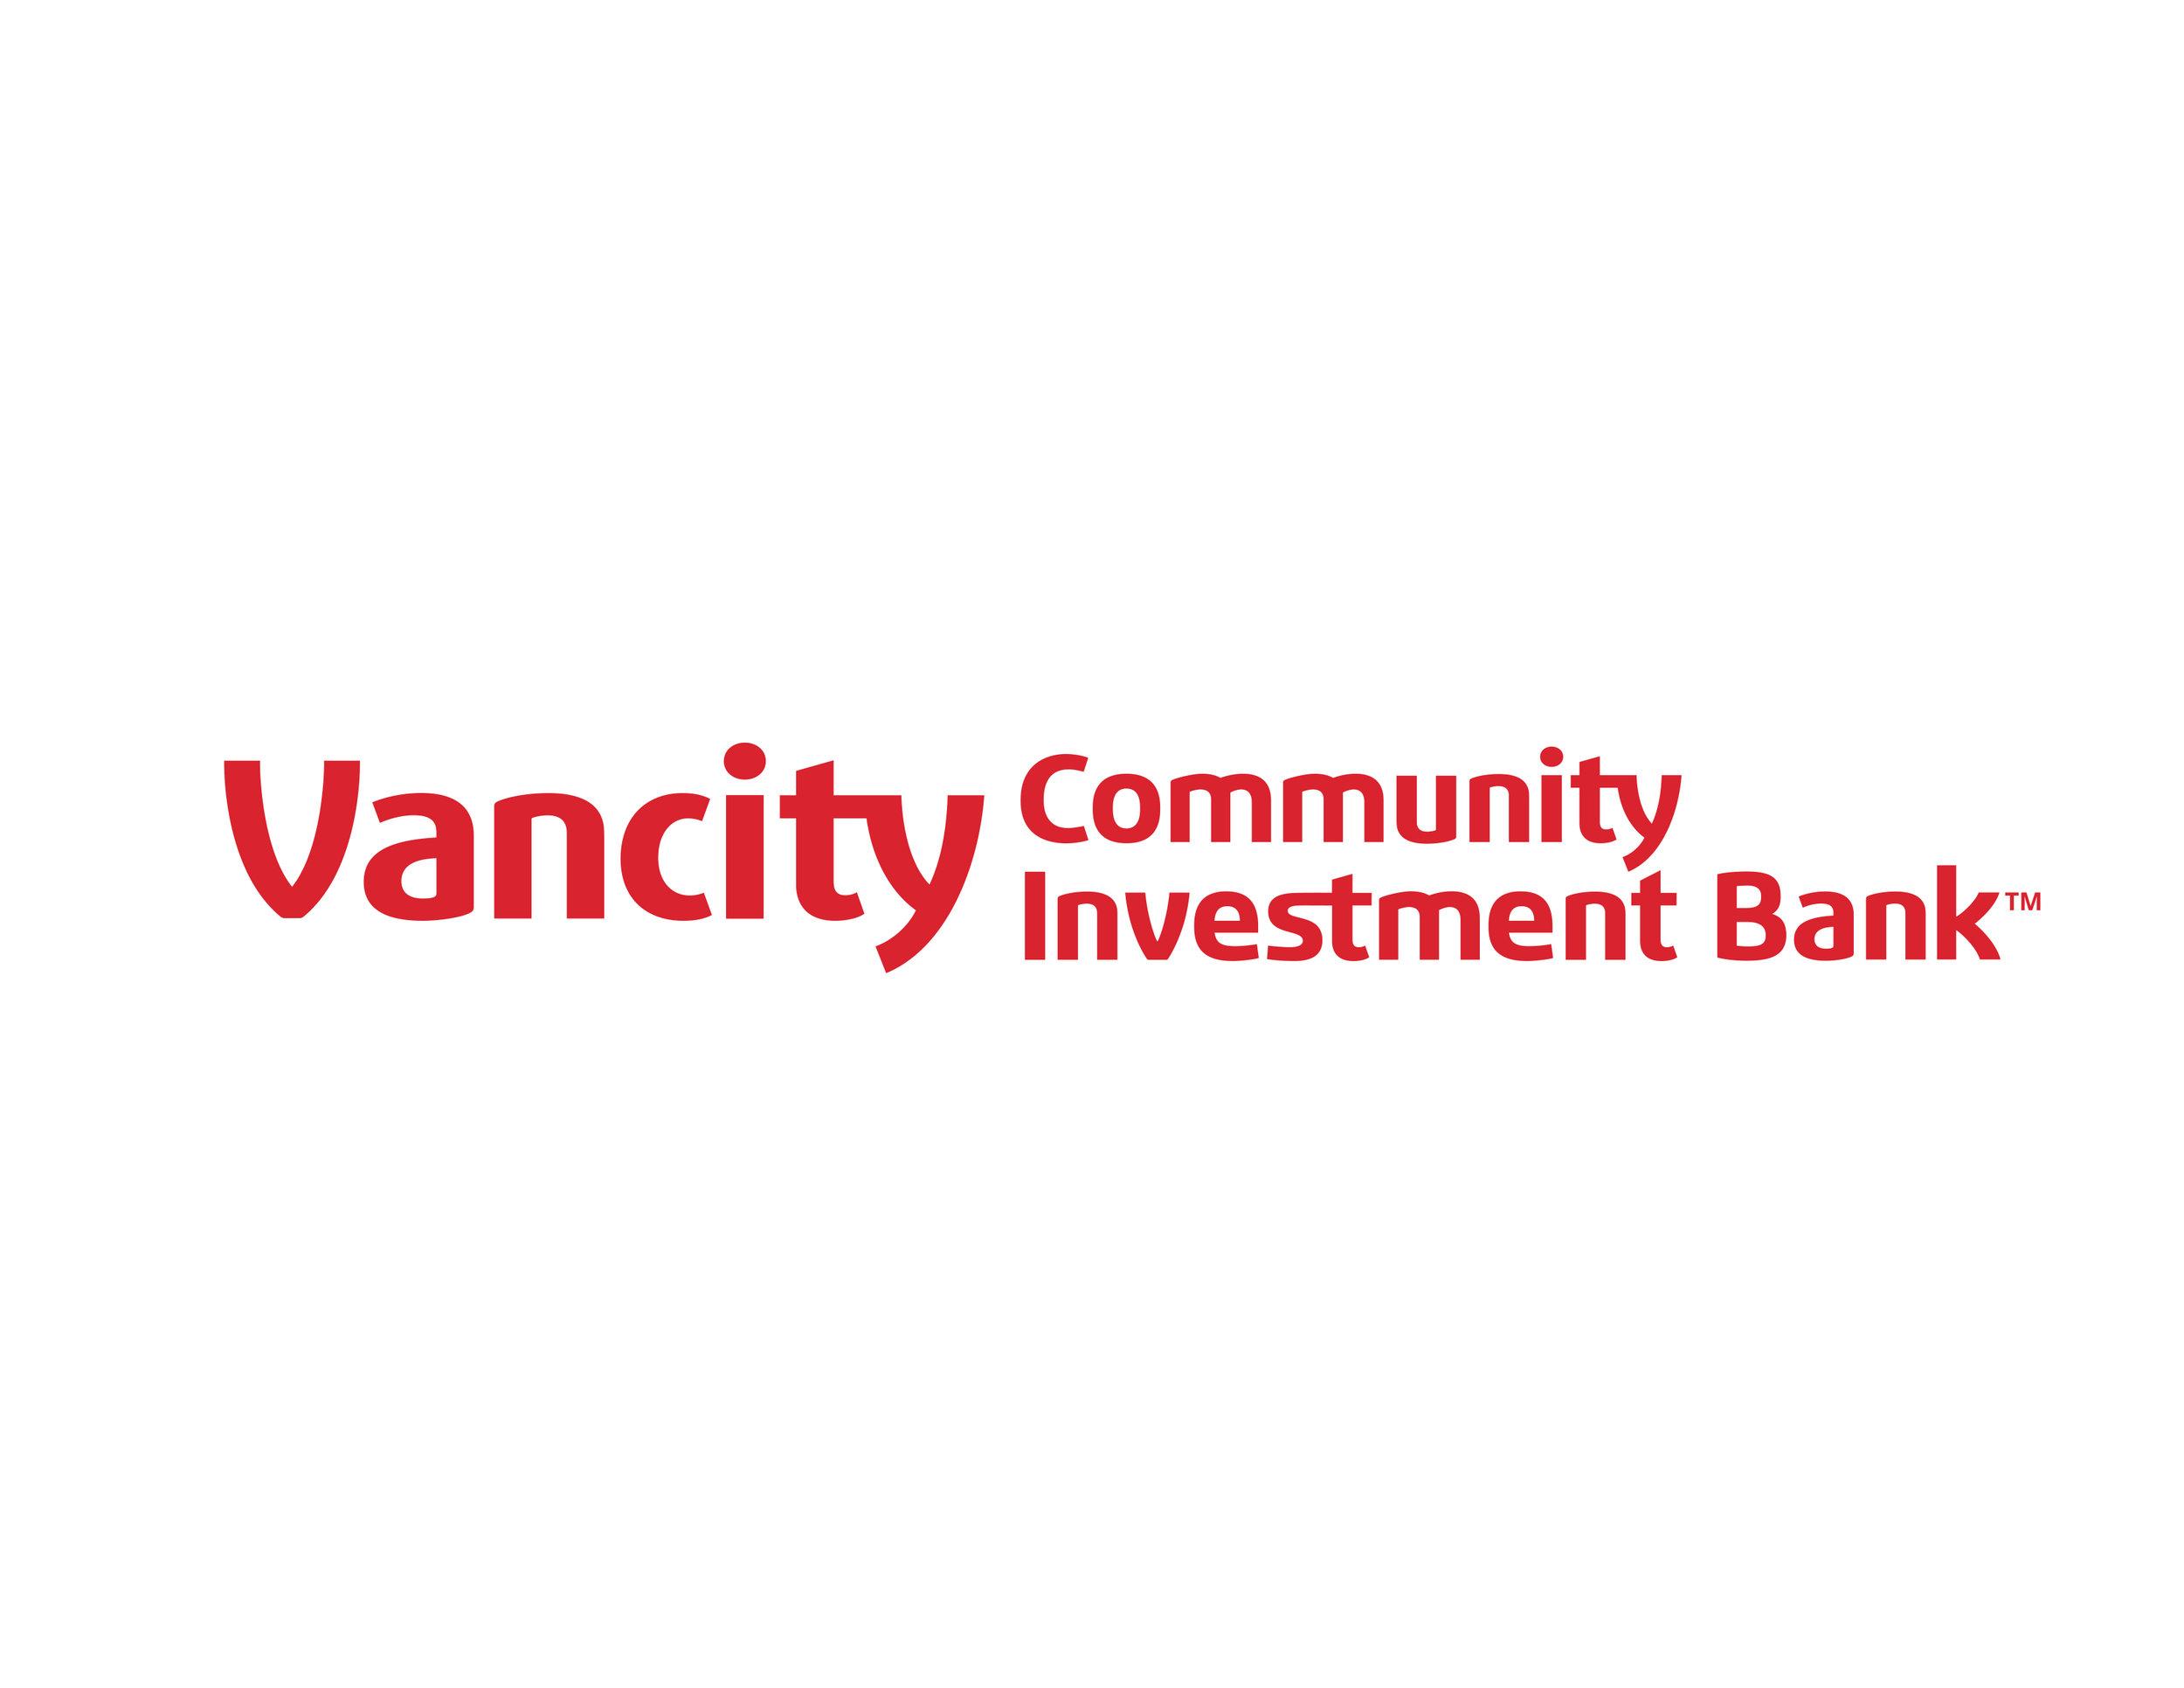 VancityCommunityInvestmentBank_TM_logo_1795_RGB.jpg